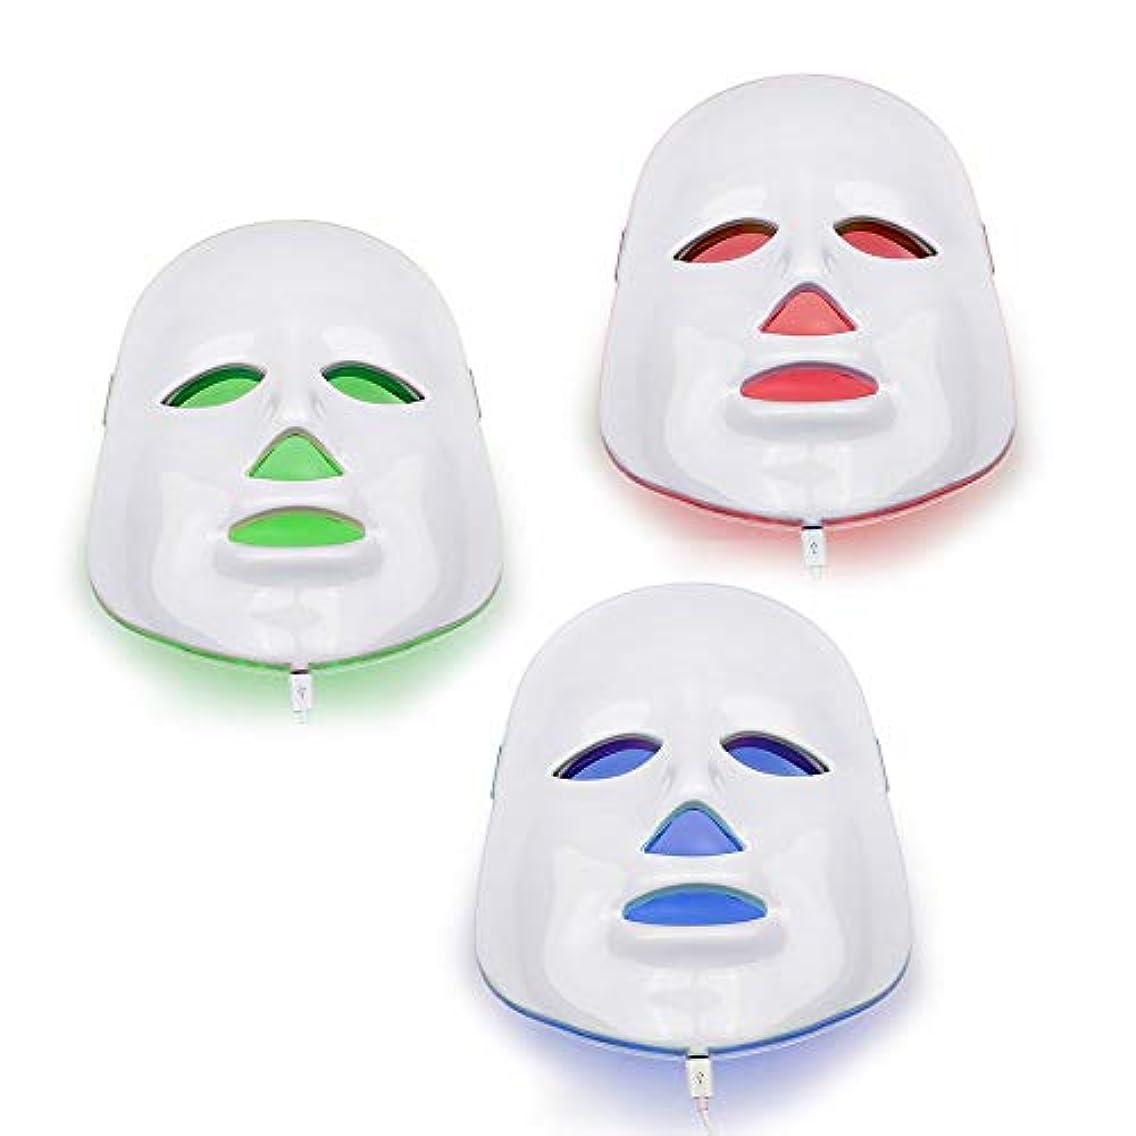 弾薬天才驚くばかりNORLANYA BEAUTY EQUIPMENT マスク顔光線療法フェイシャルスキンケアマスカラは皮膚 調色しわ除去 用 光を主導主導しました